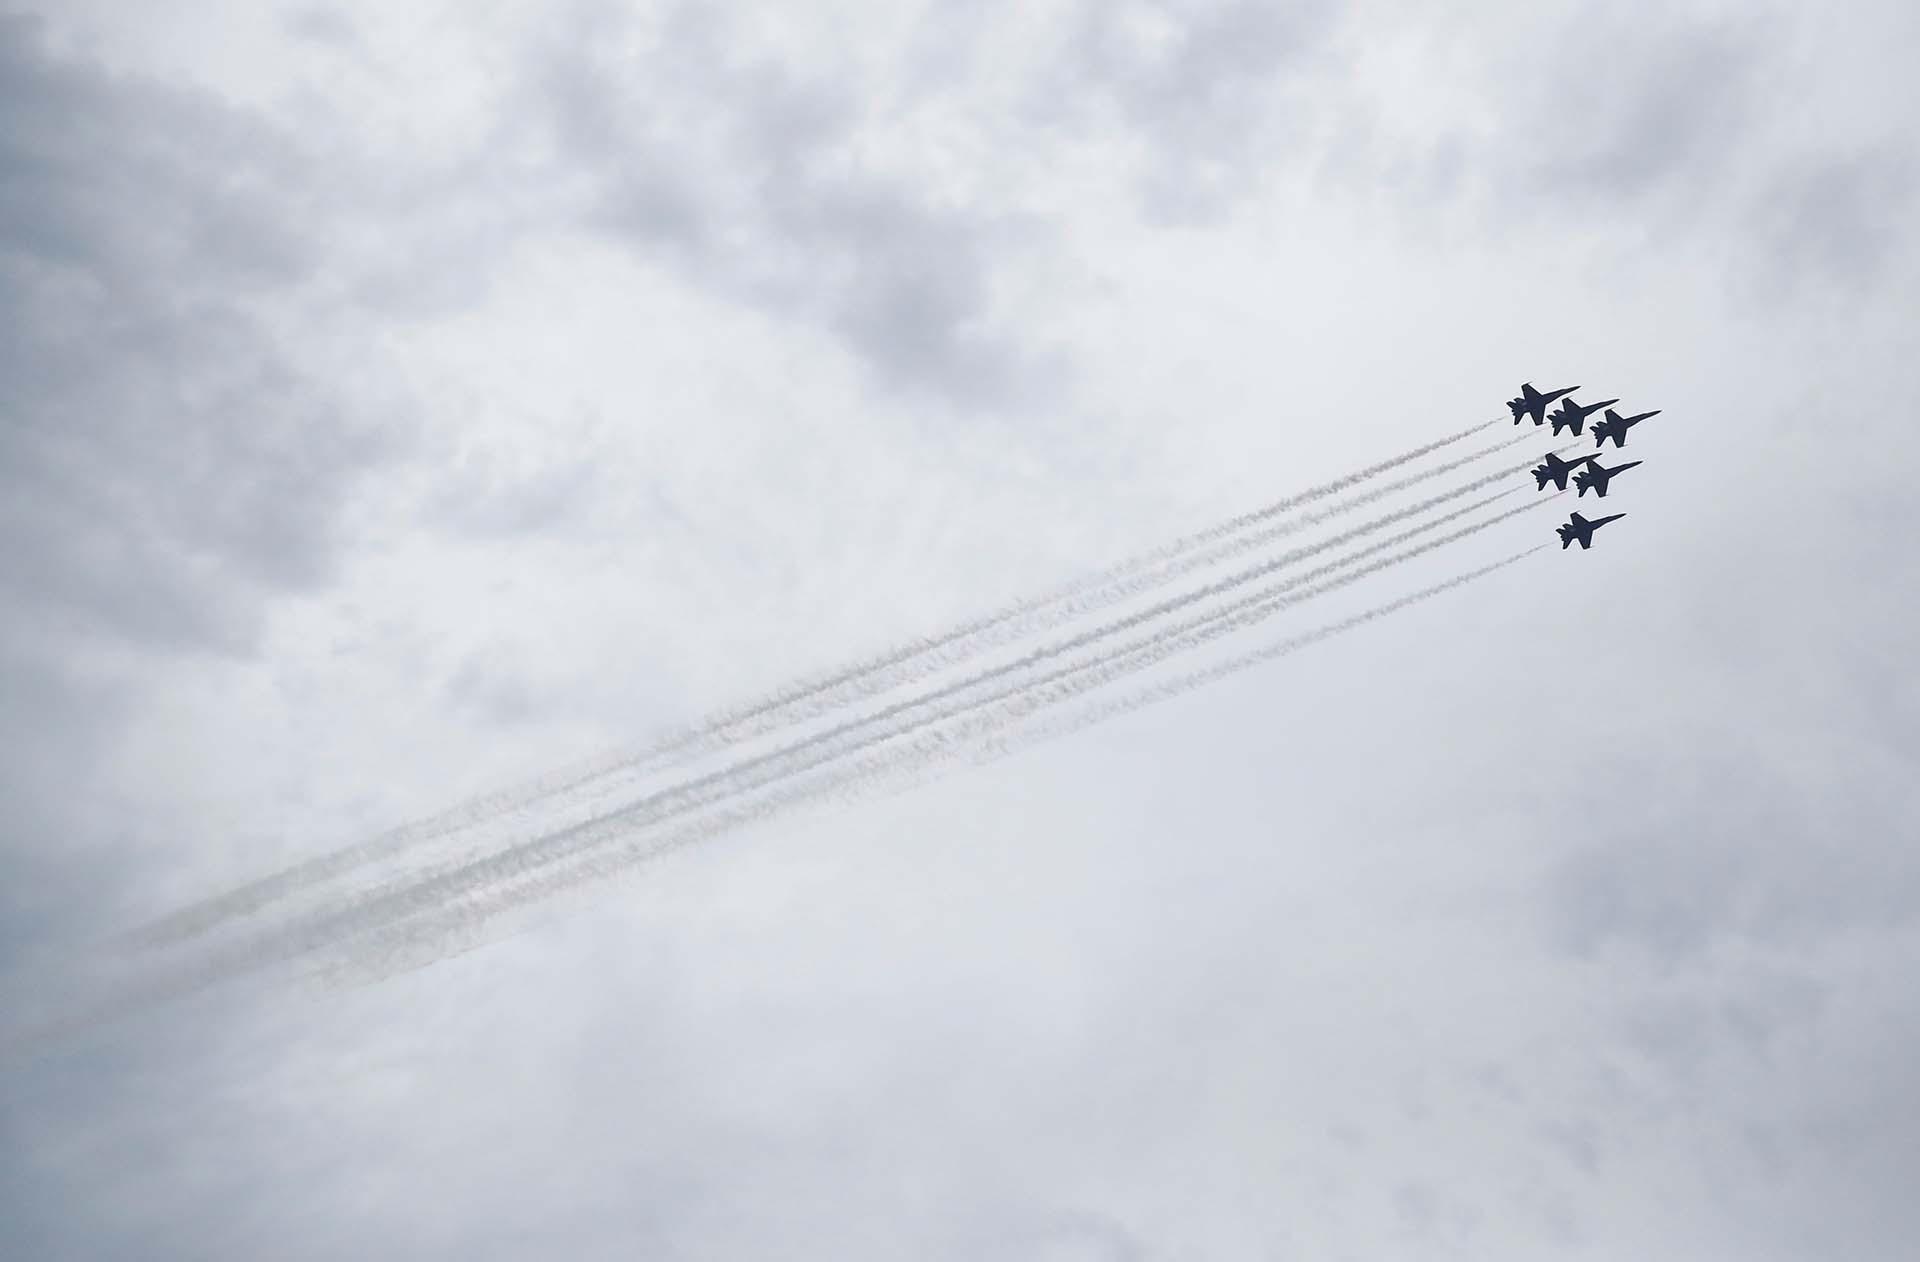 Aviones del escuadrón de Blue Angels de la Marina de los EEUU hicieron una demostración de vuelo